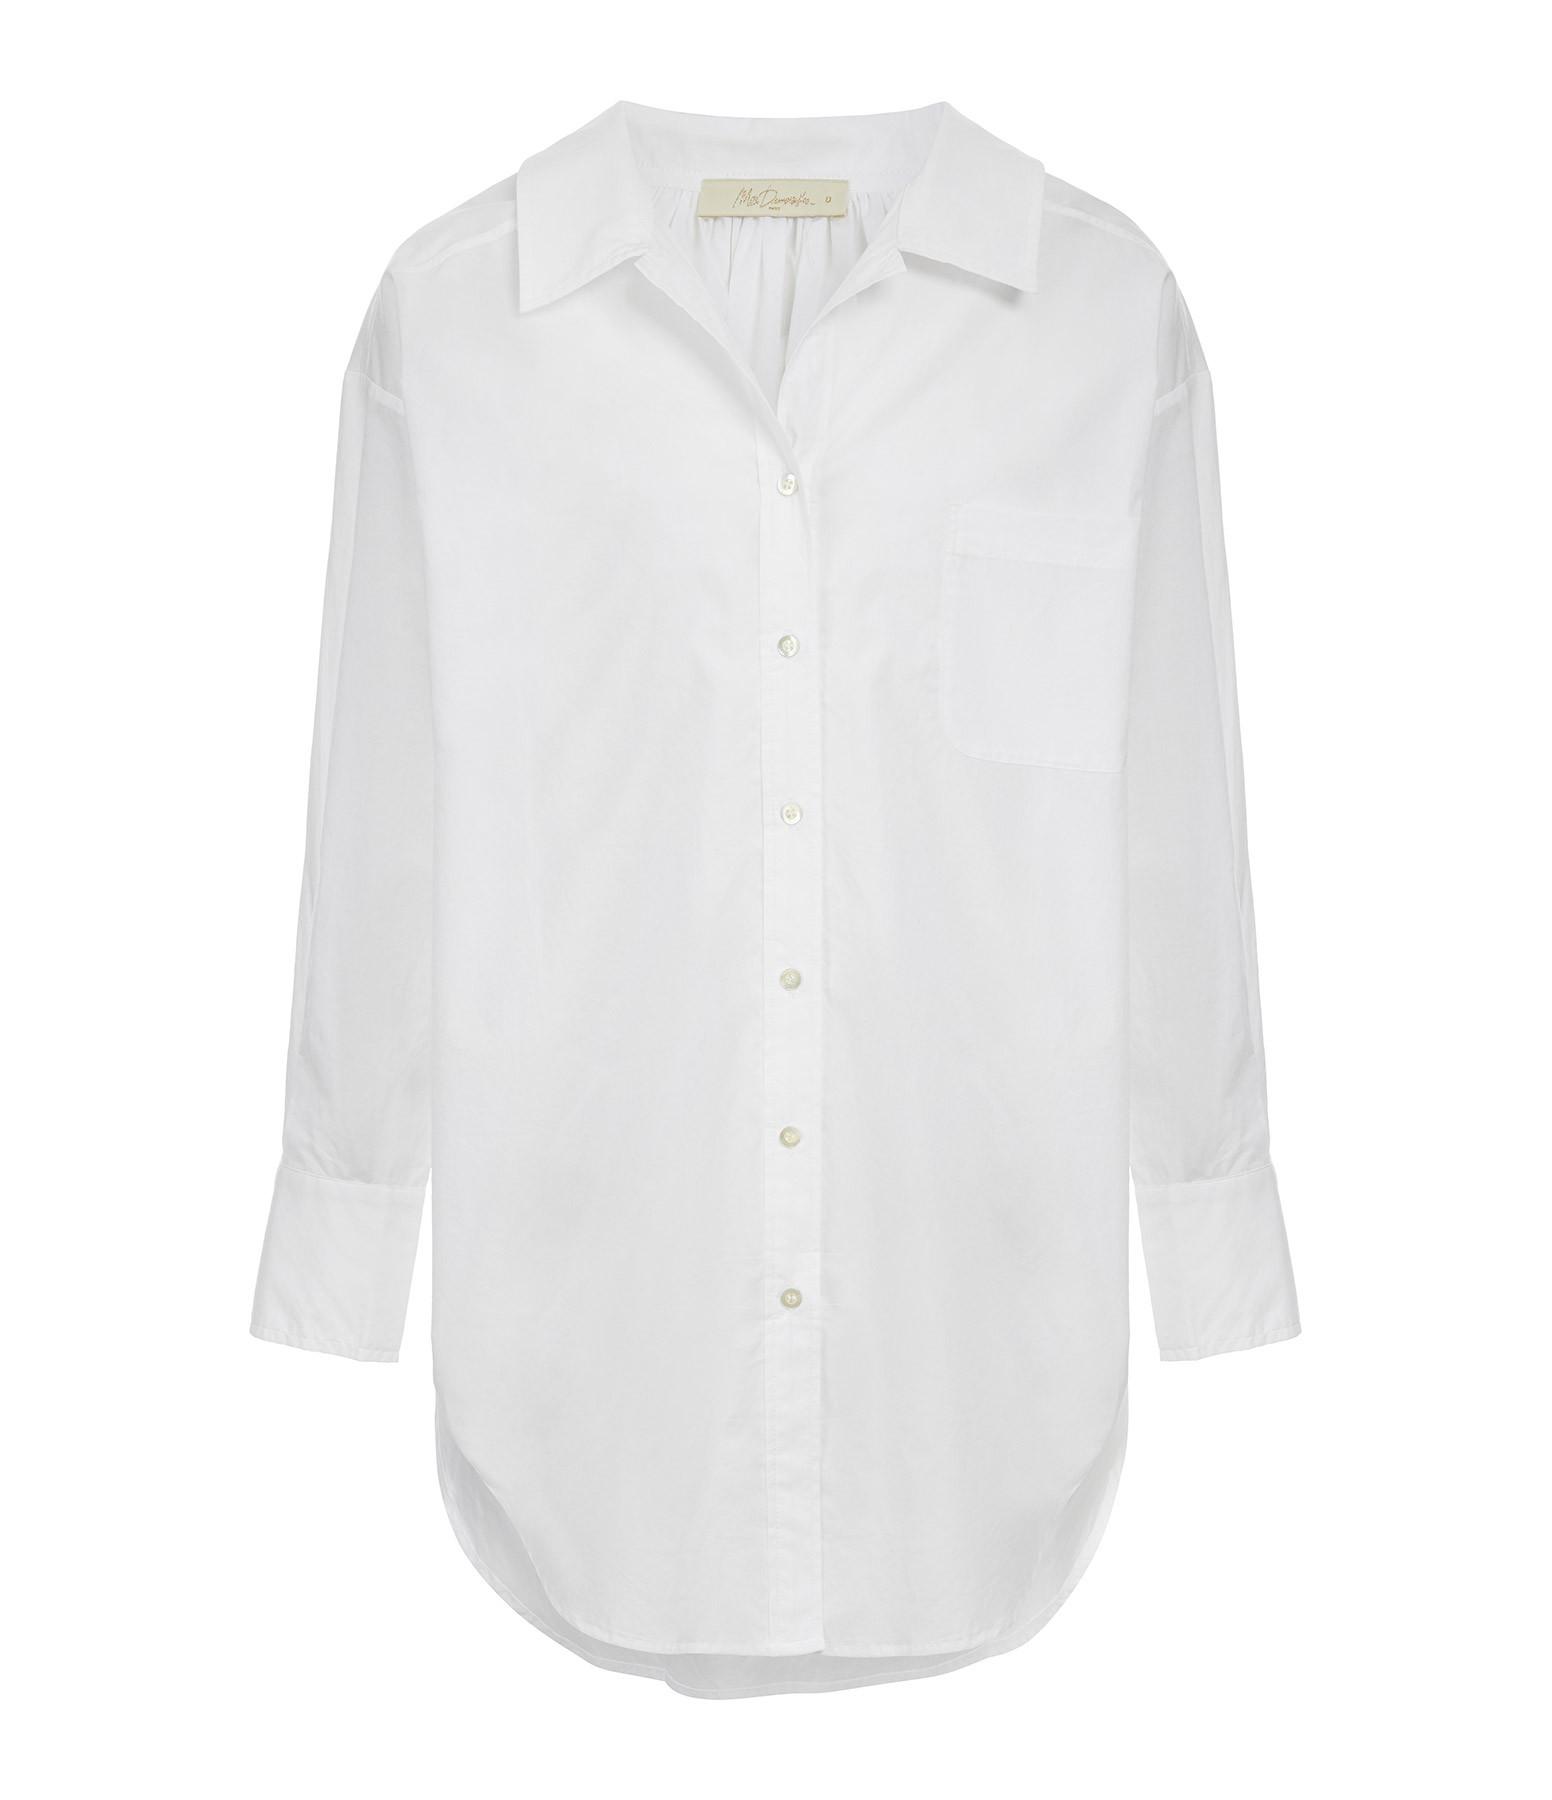 MES DEMOISELLES - Chemise Scharade Coton Blanc